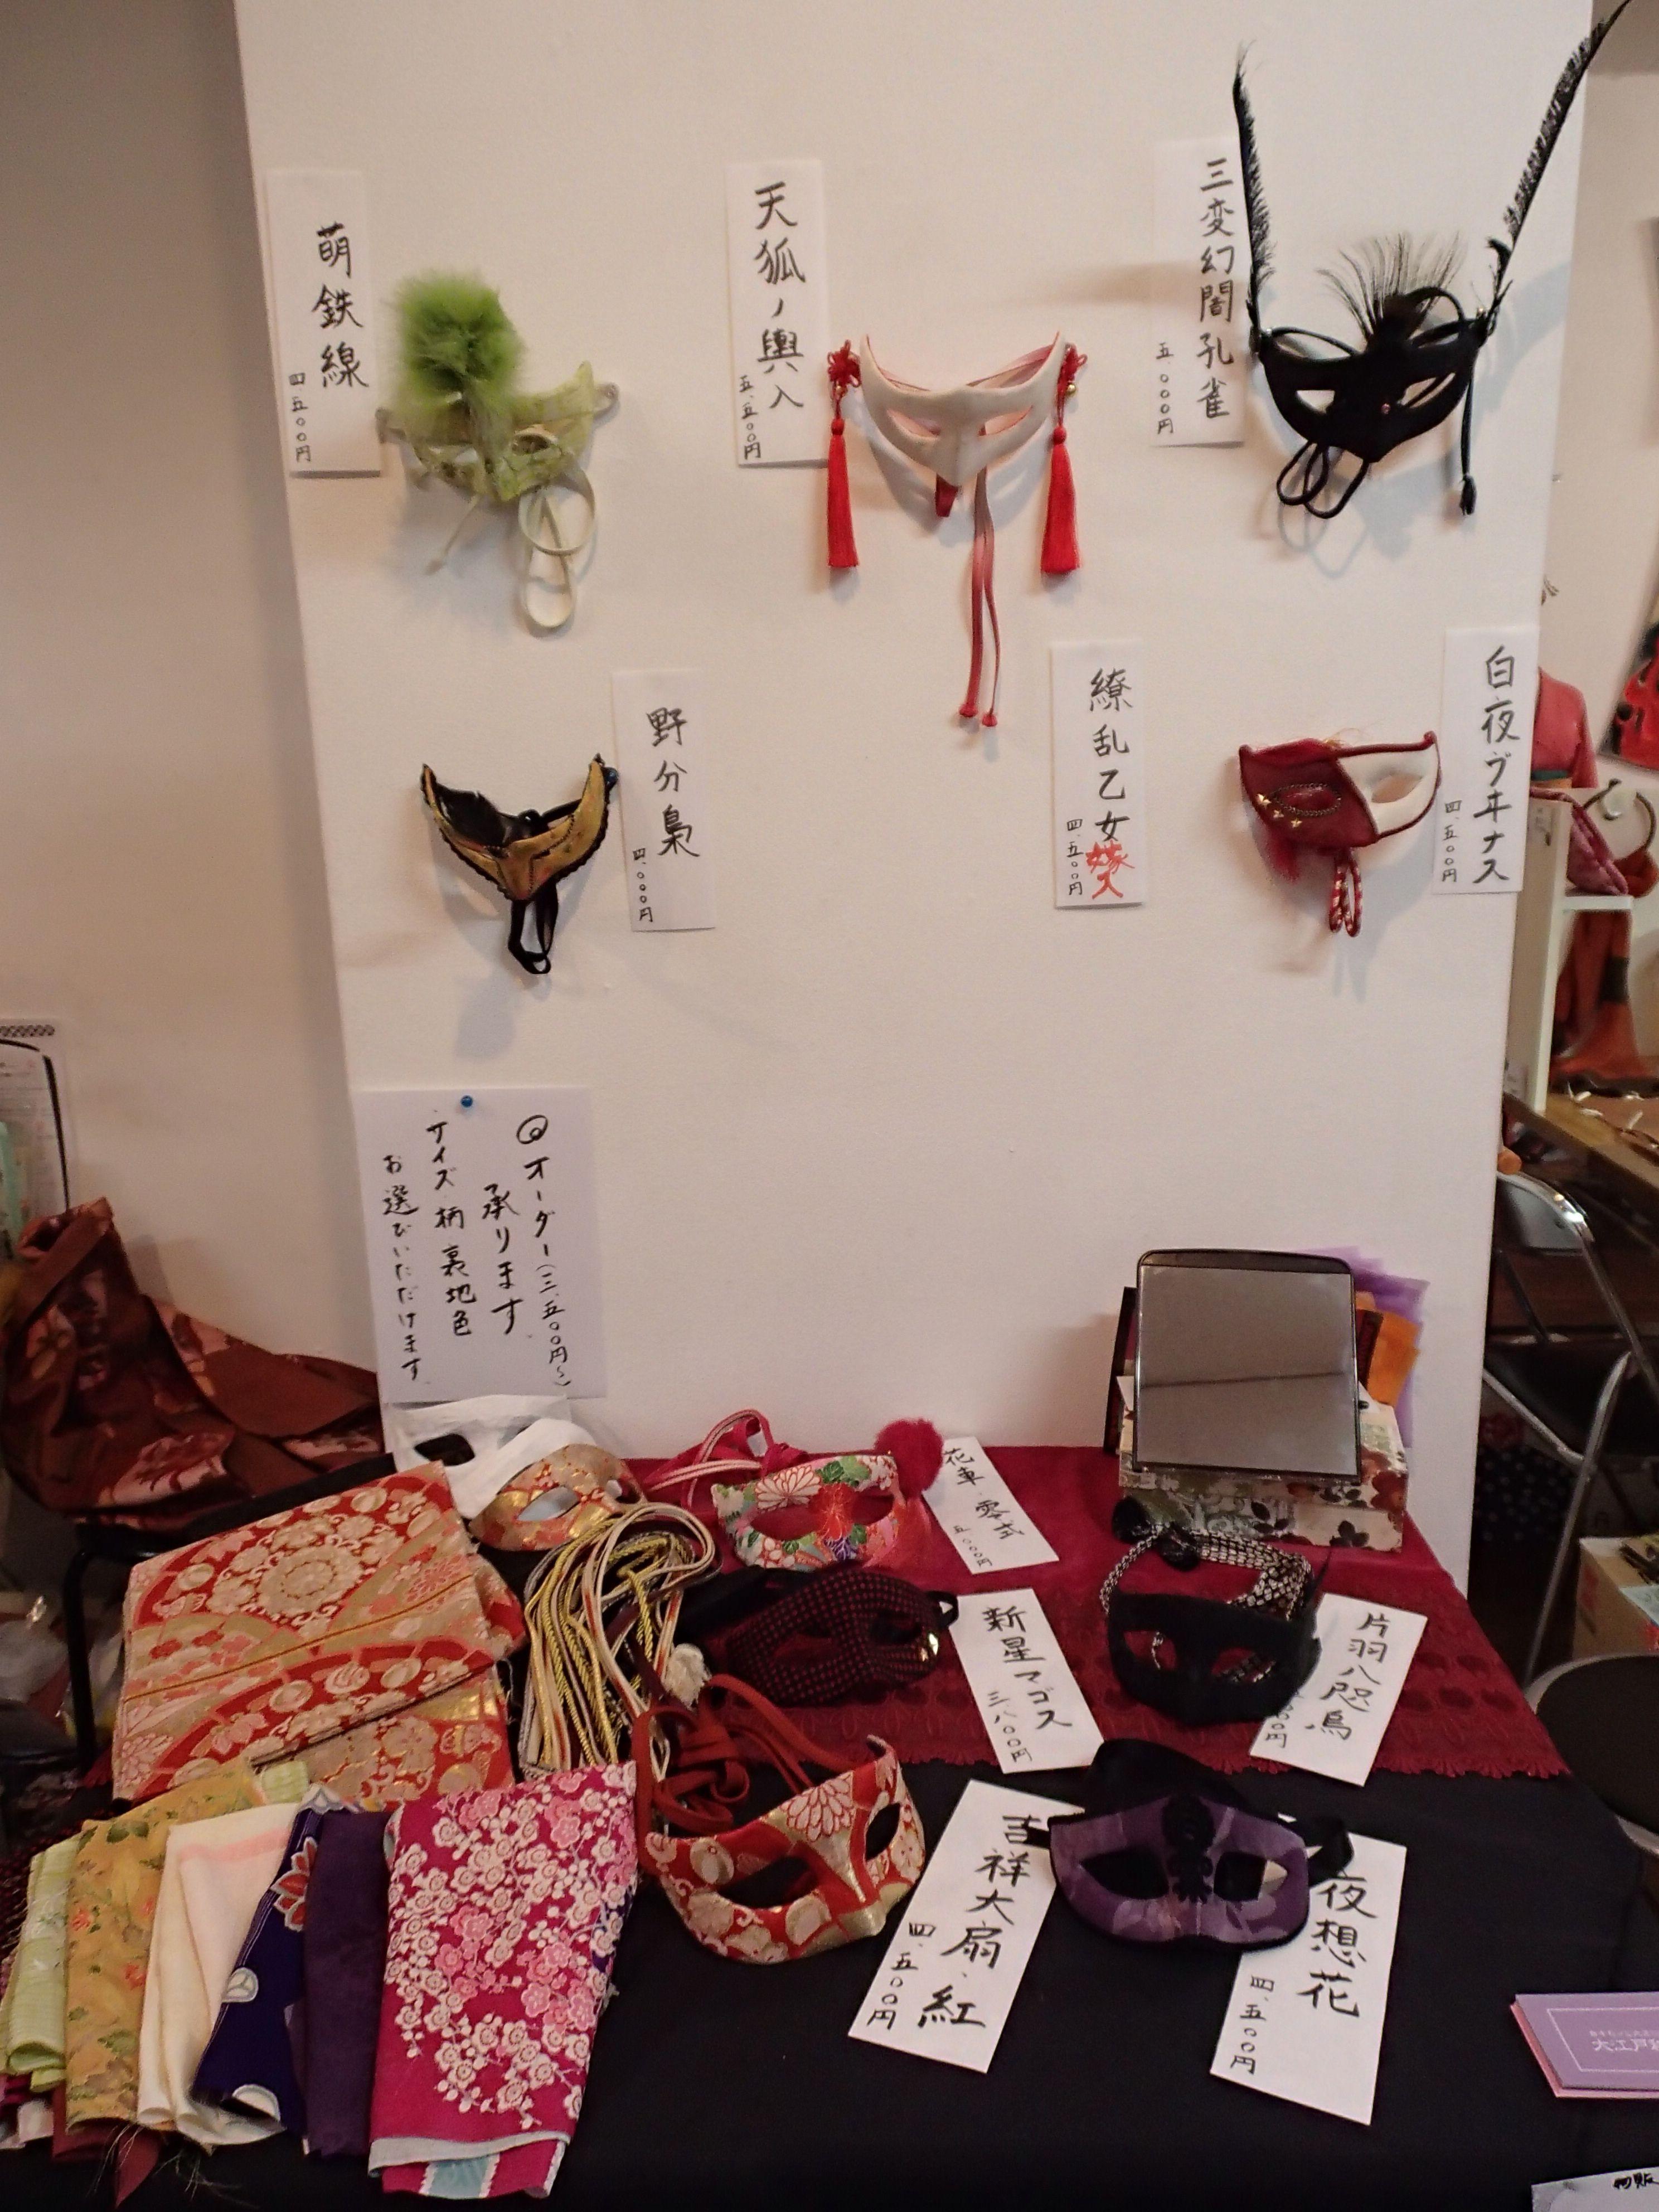 嬌艶ーKYOUENー Modern JAPONESQUE FESTIVAL@新宿アートコンプレックスセンター~アートとエンターテイメントで彩るモダンジャポネスクの祭典~